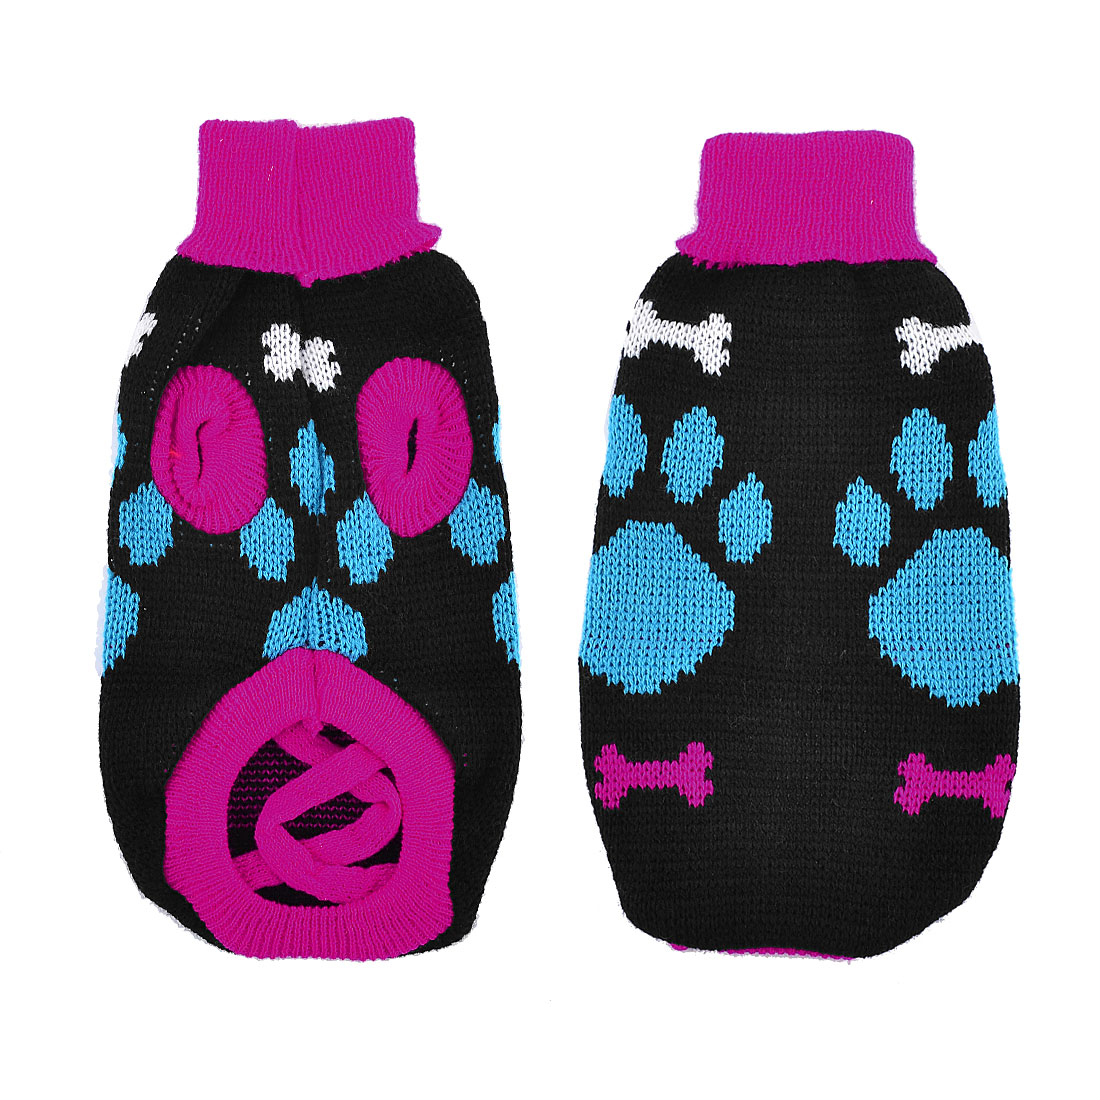 Winter Blue Fuchsia Knitted Paw Bone Pattern Pet Dog Doggy Sweater Size XXS